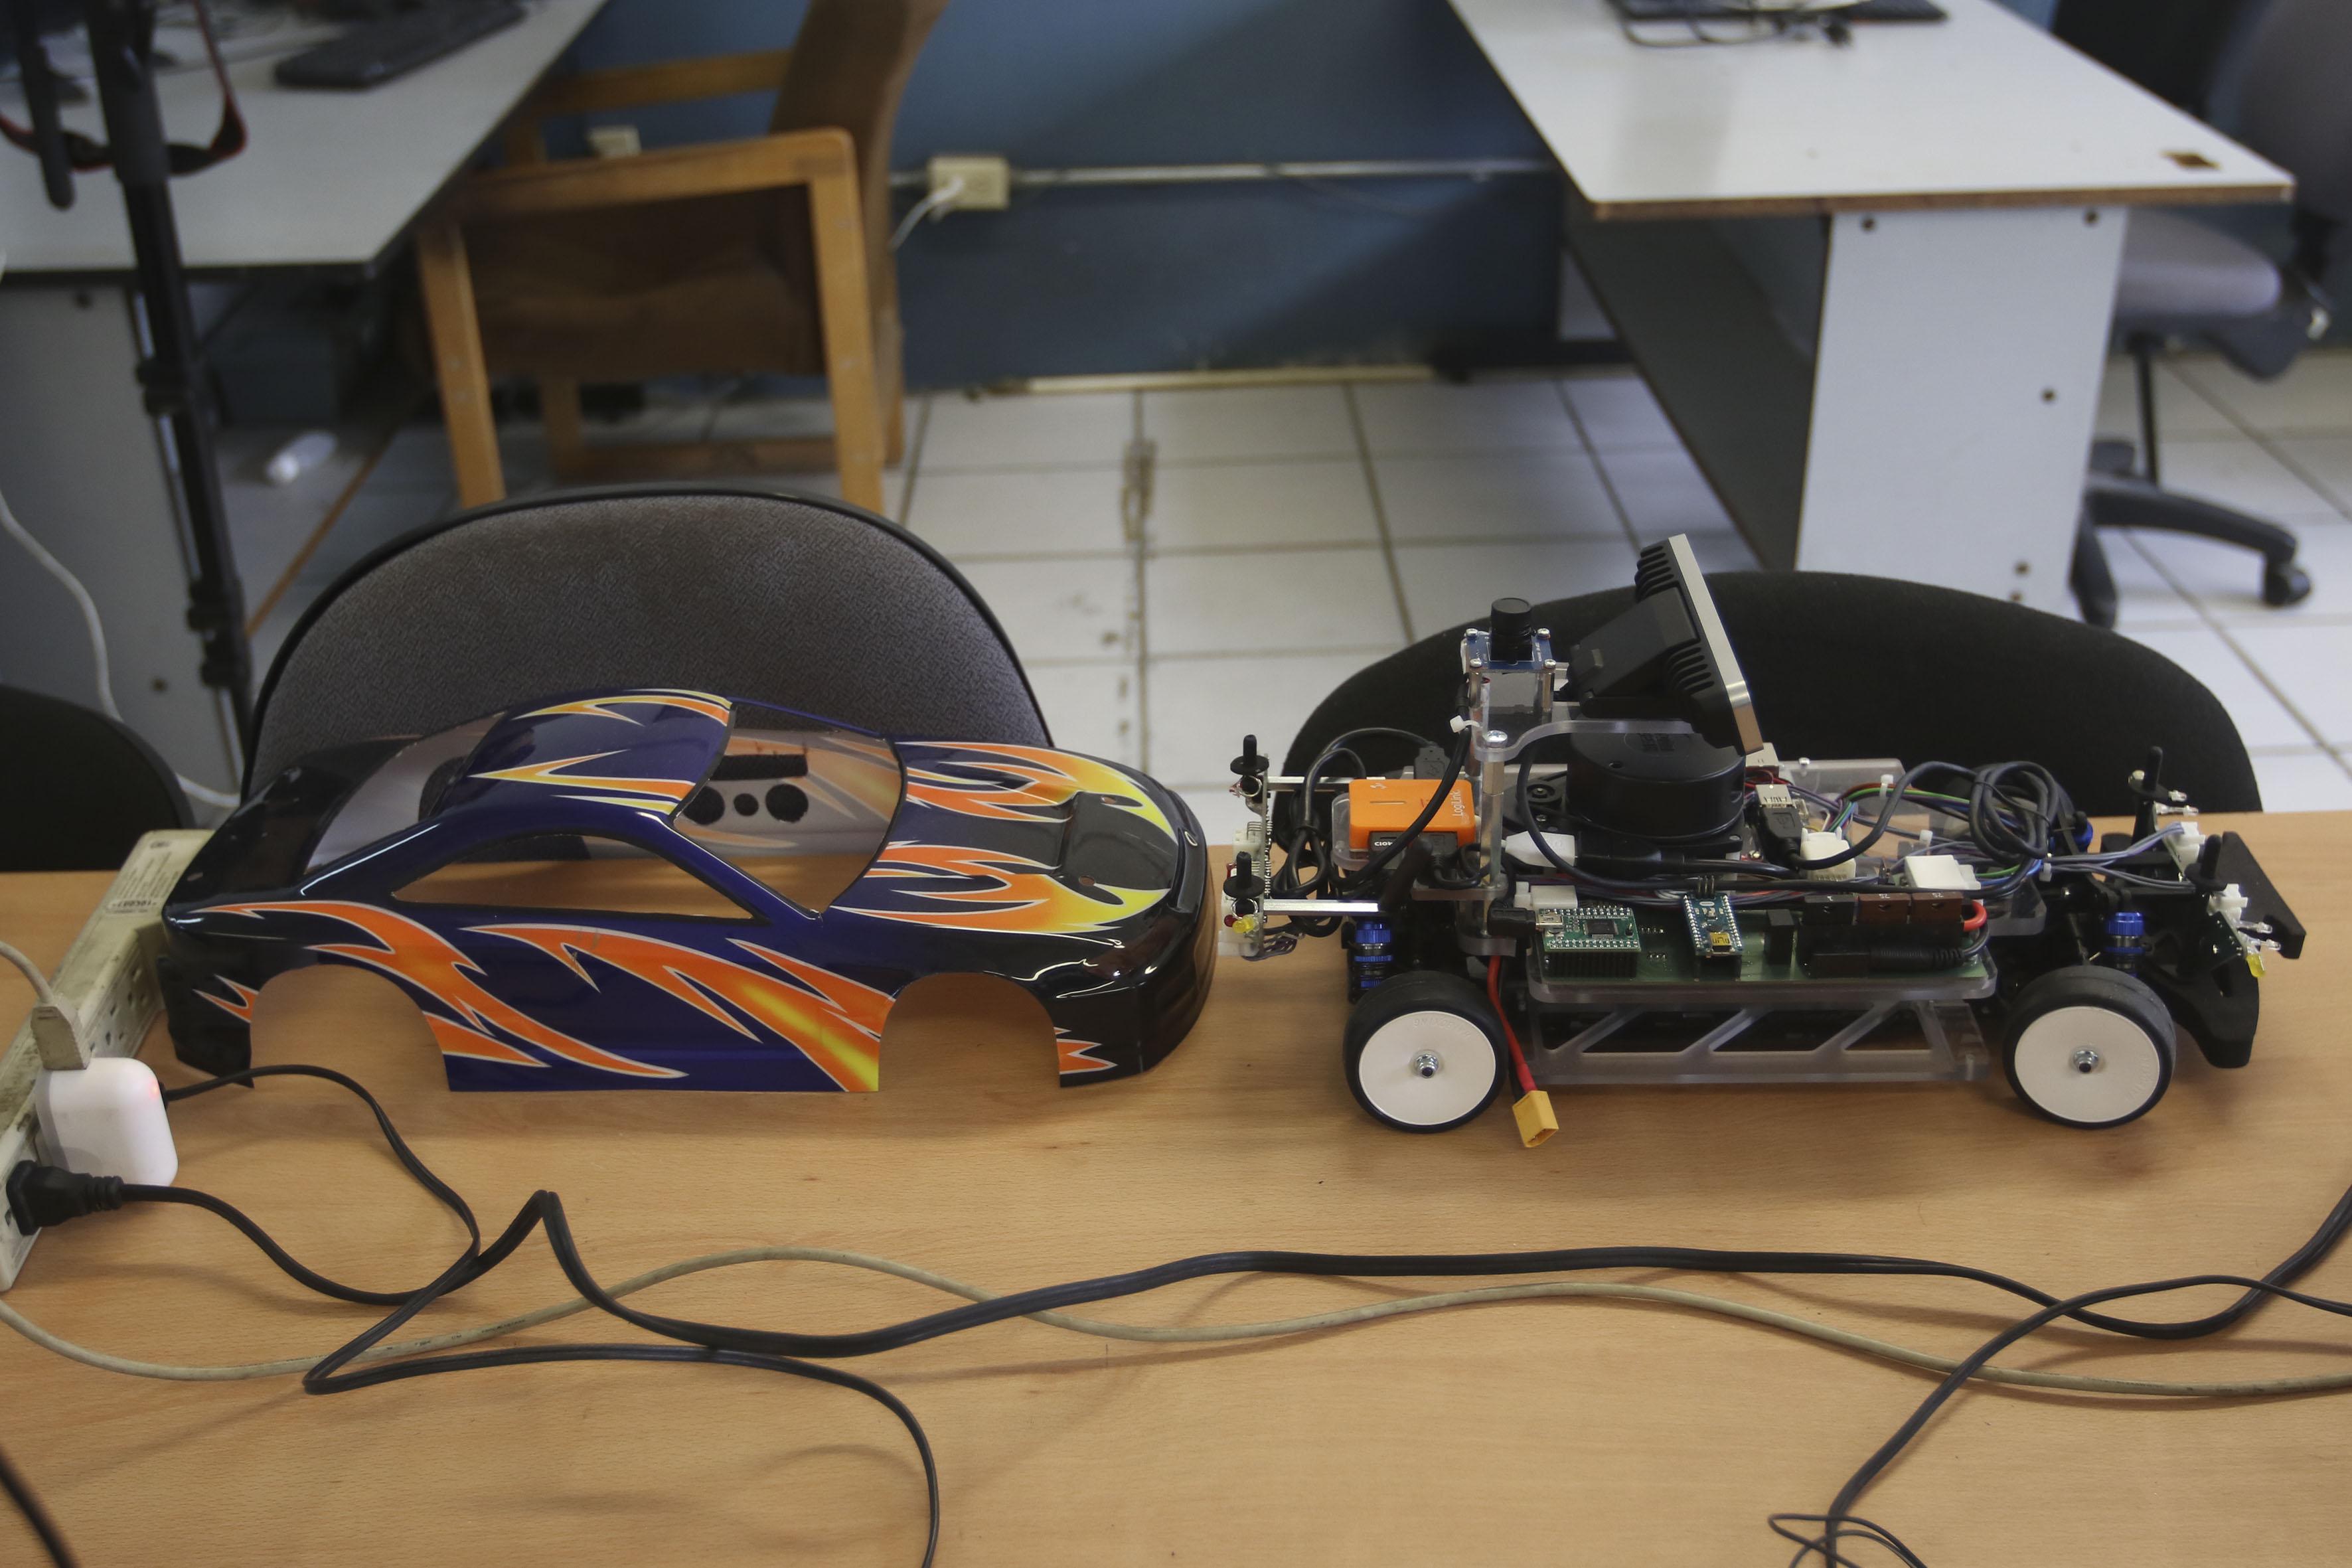 Vehículo de control autónomo descubierto, para su demostración